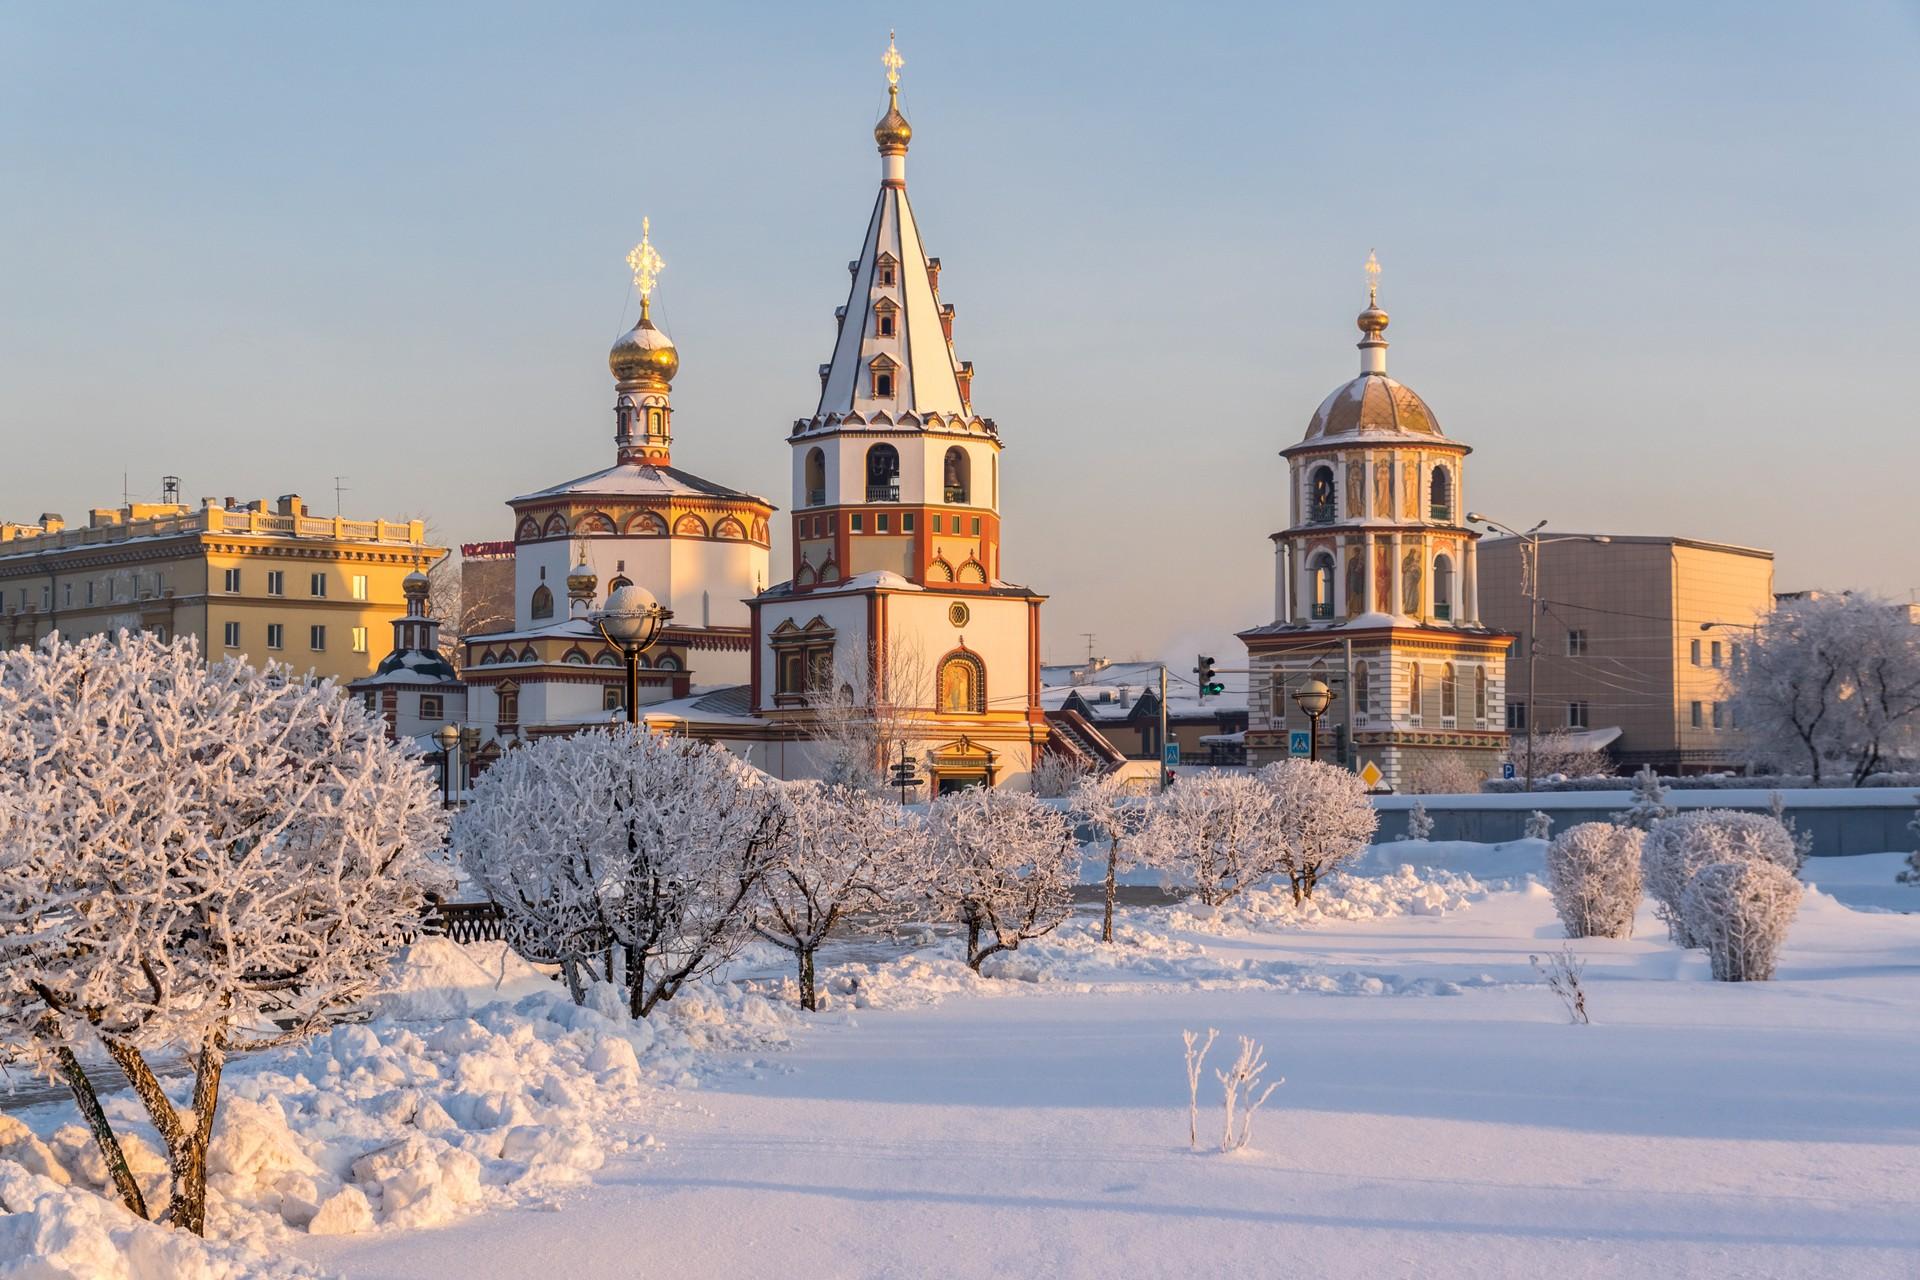 Cathedral in Irkutsk in Russian winter